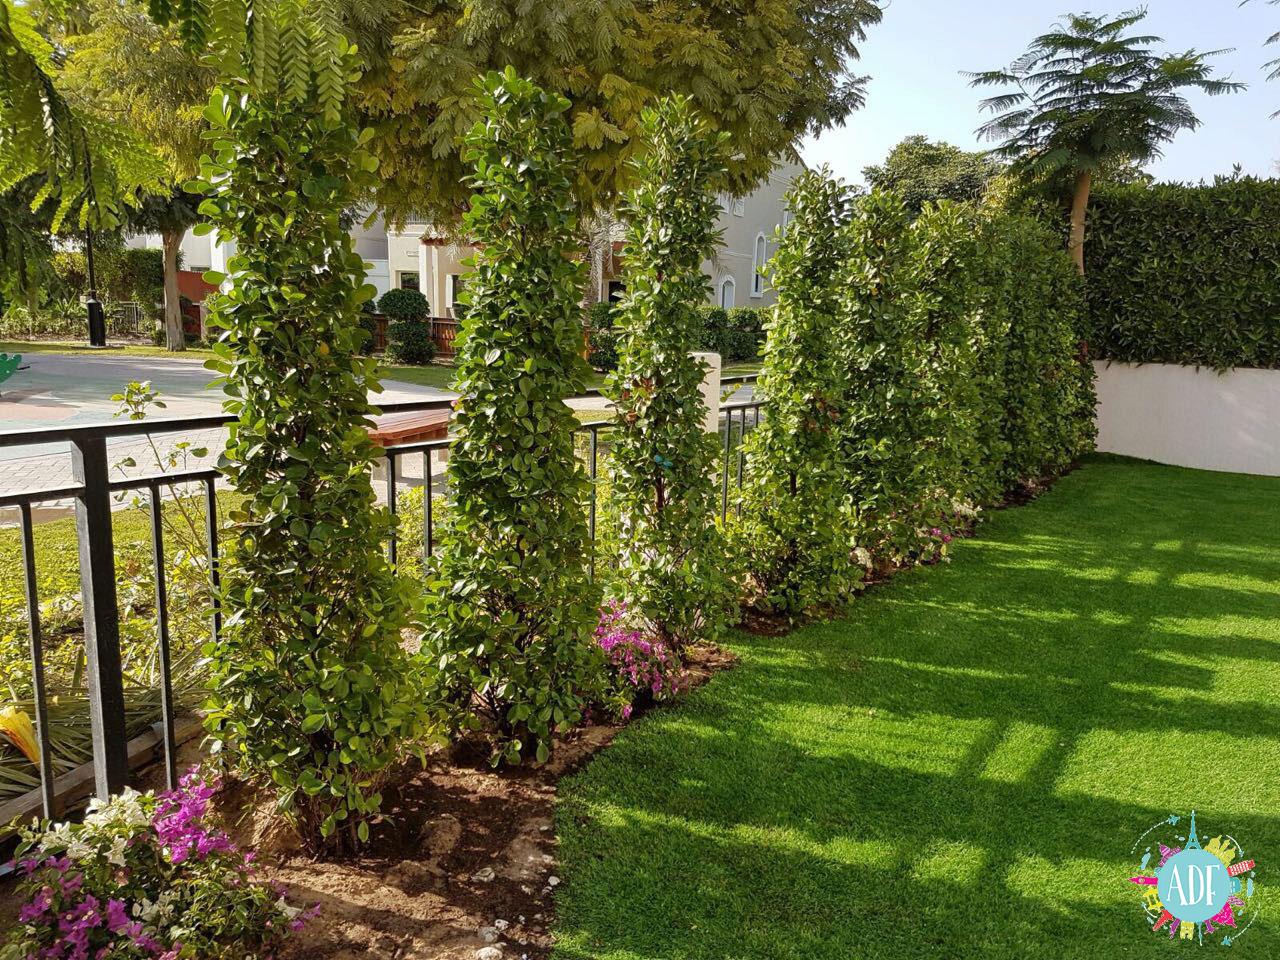 Il giardino e le piante in Dubai - Amiche di Fuso